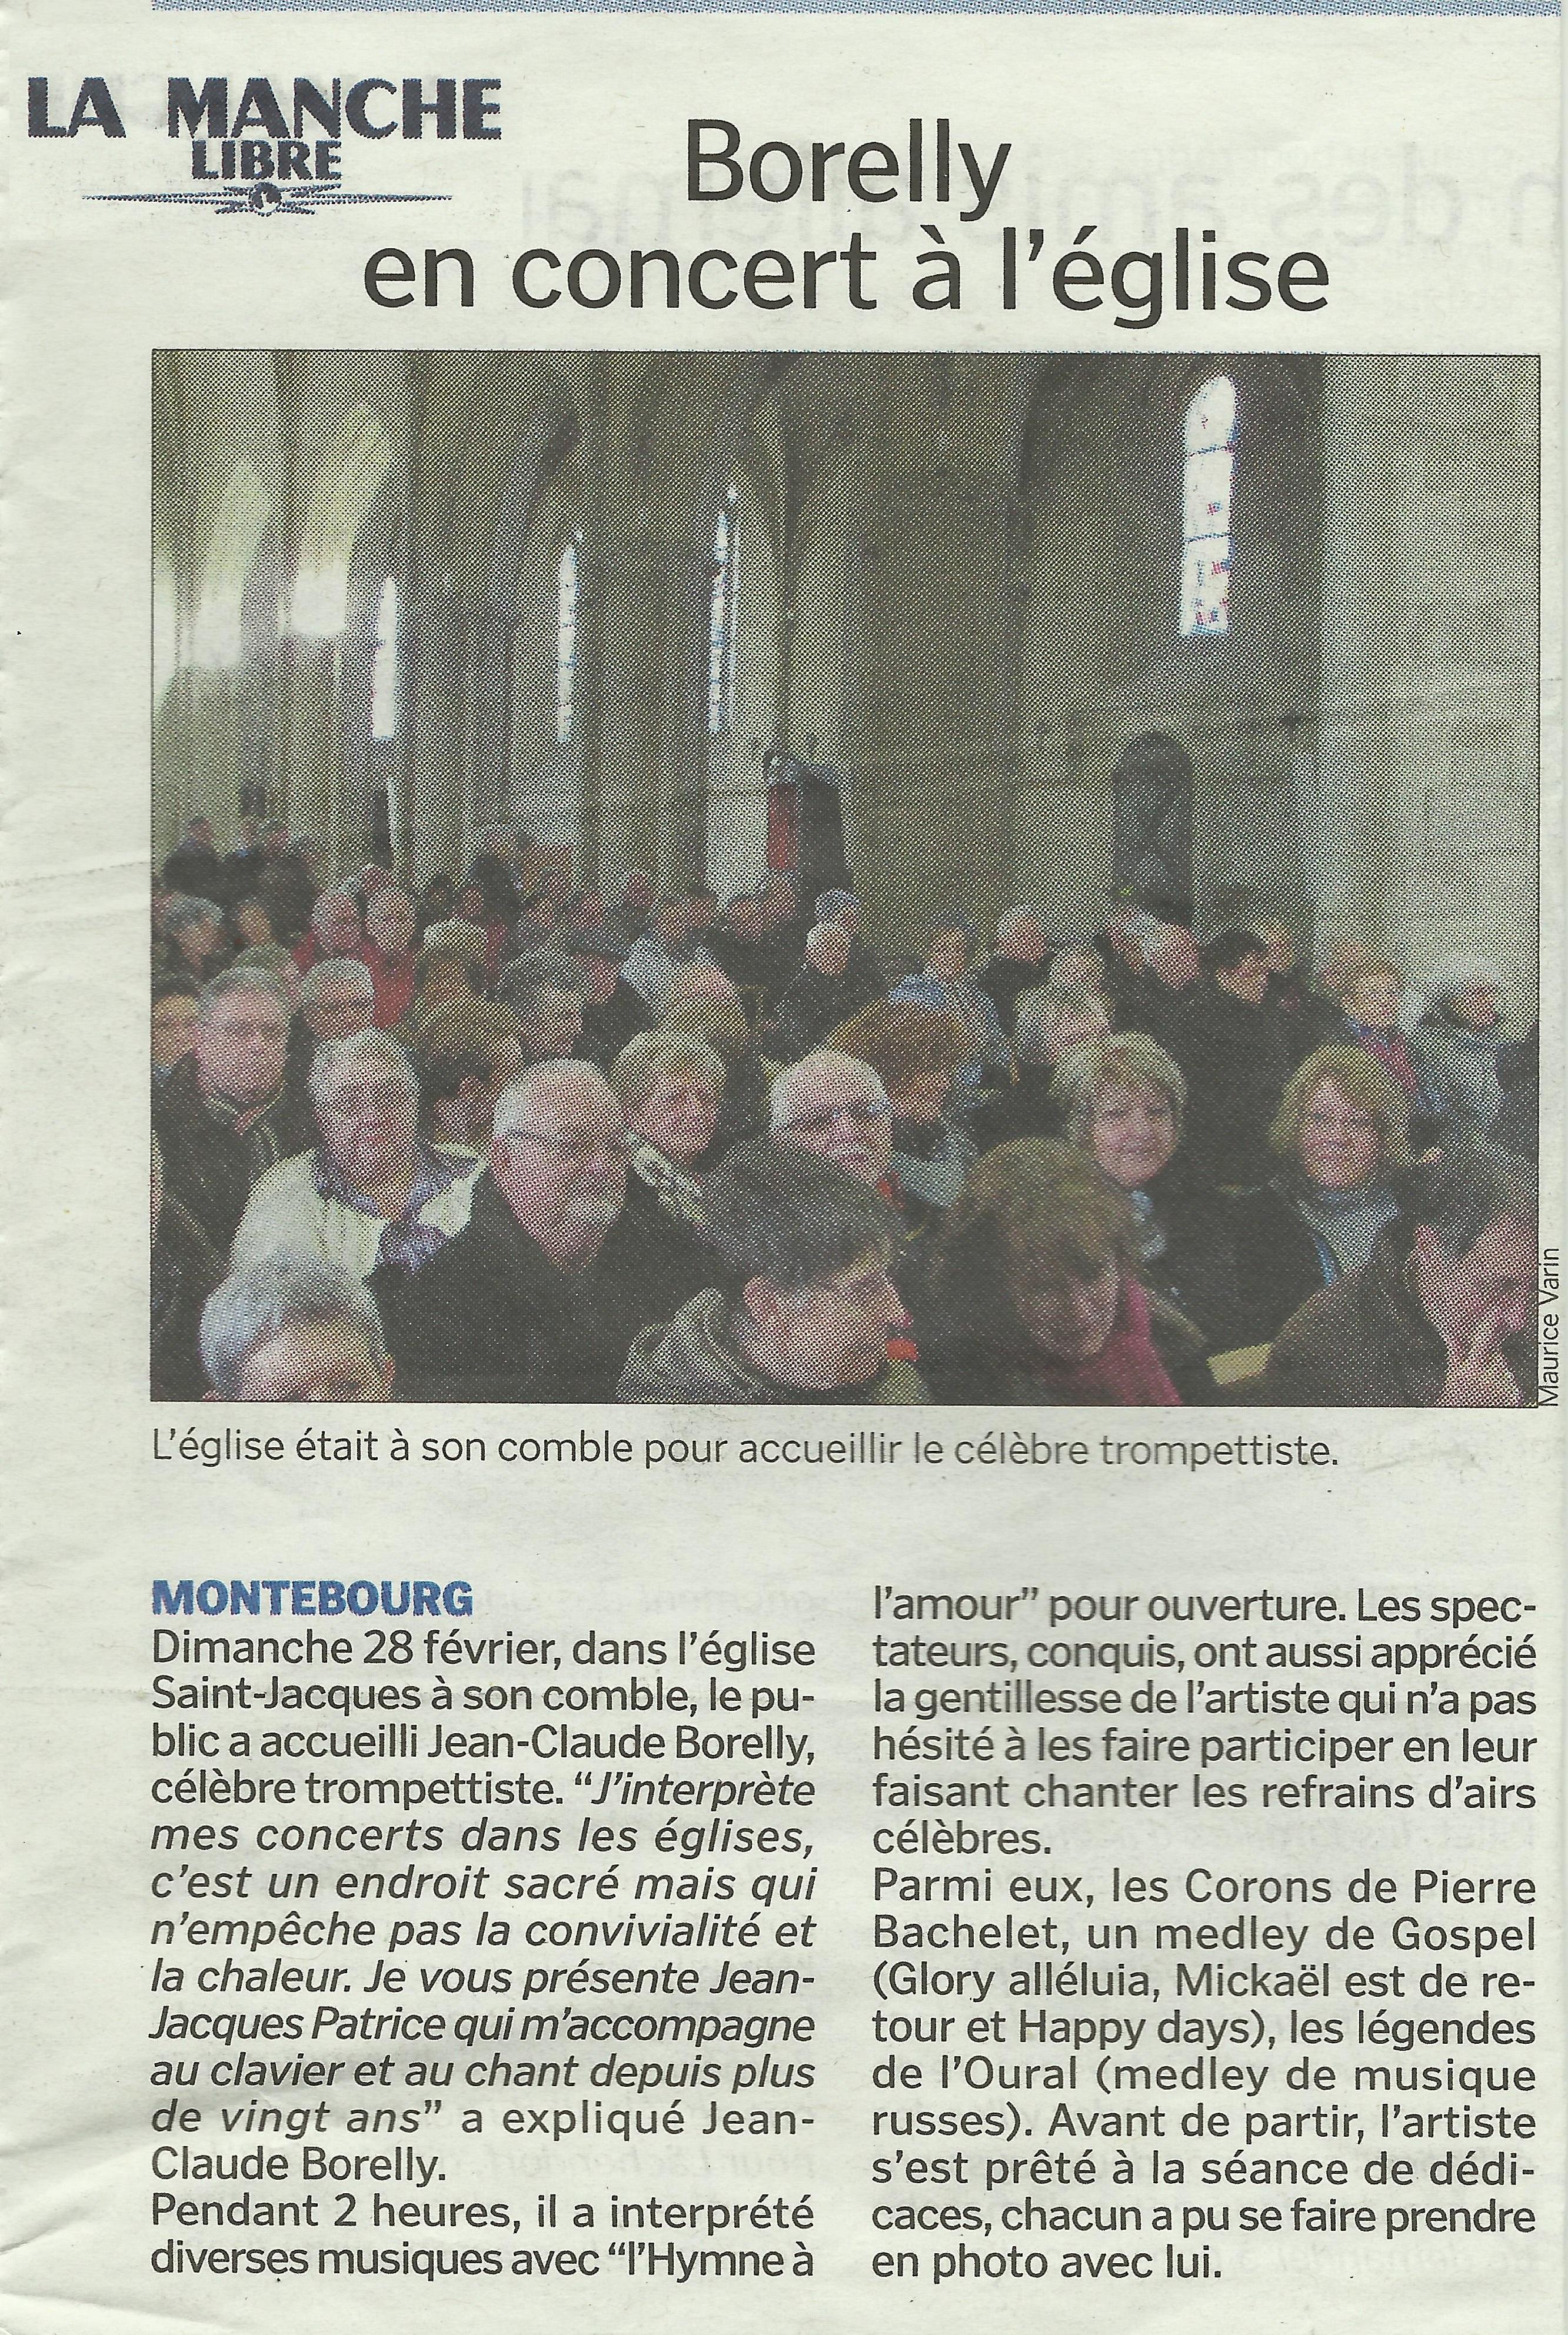 Article sur le Concert de JC Borelly, paru dans La Manche Libre, du 28/02/2016